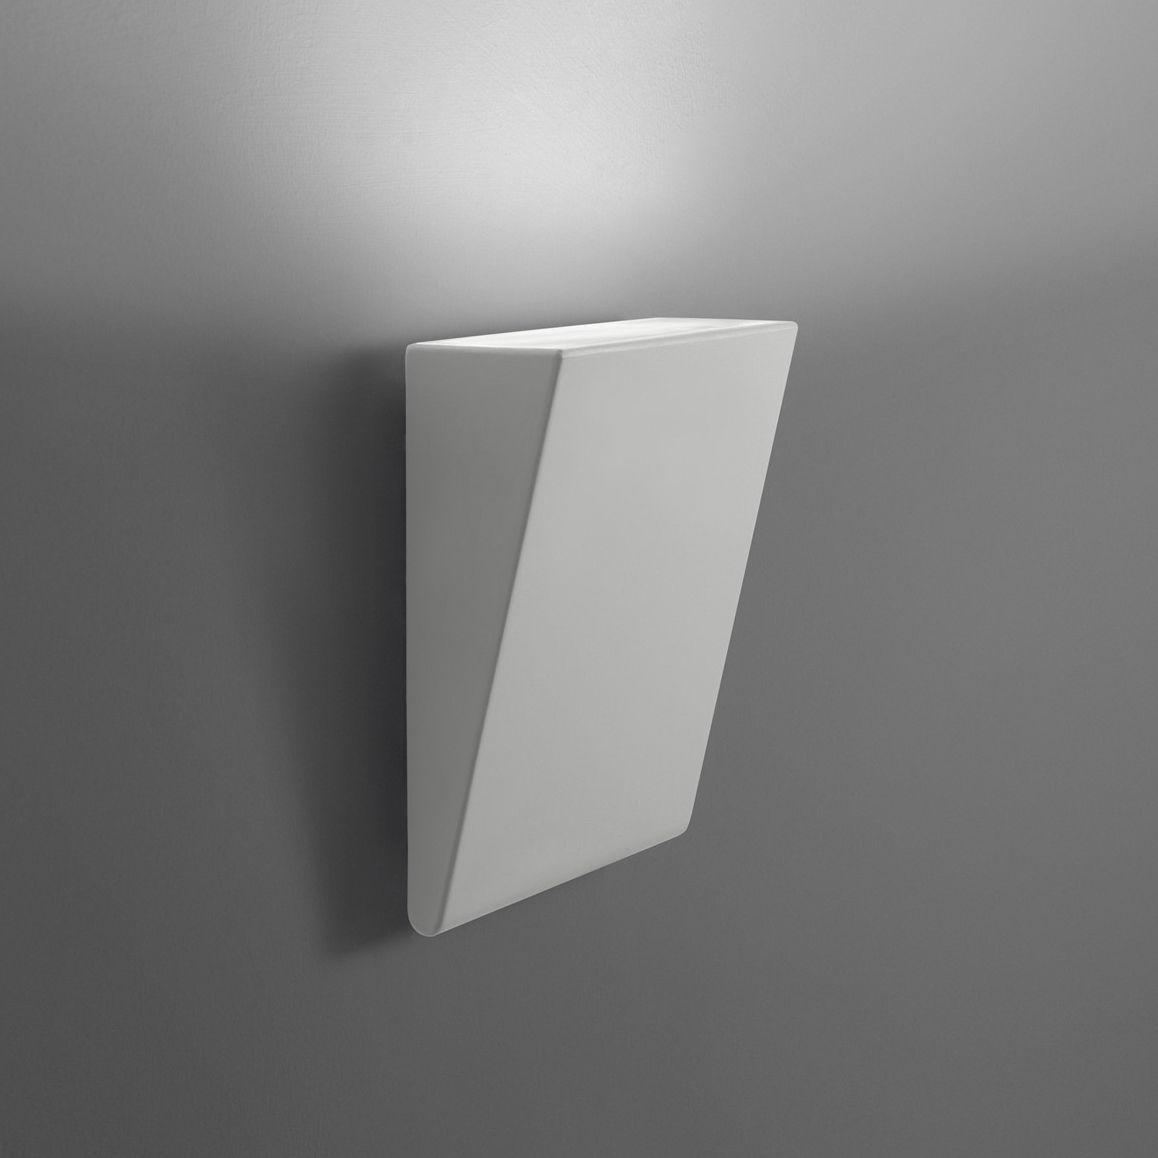 Illuminazione - Lampade da parete - Applique d'esterno Cuneo - / Lampada da terra - Per esterni di Artemide - Alluminio - alluminio verniciato